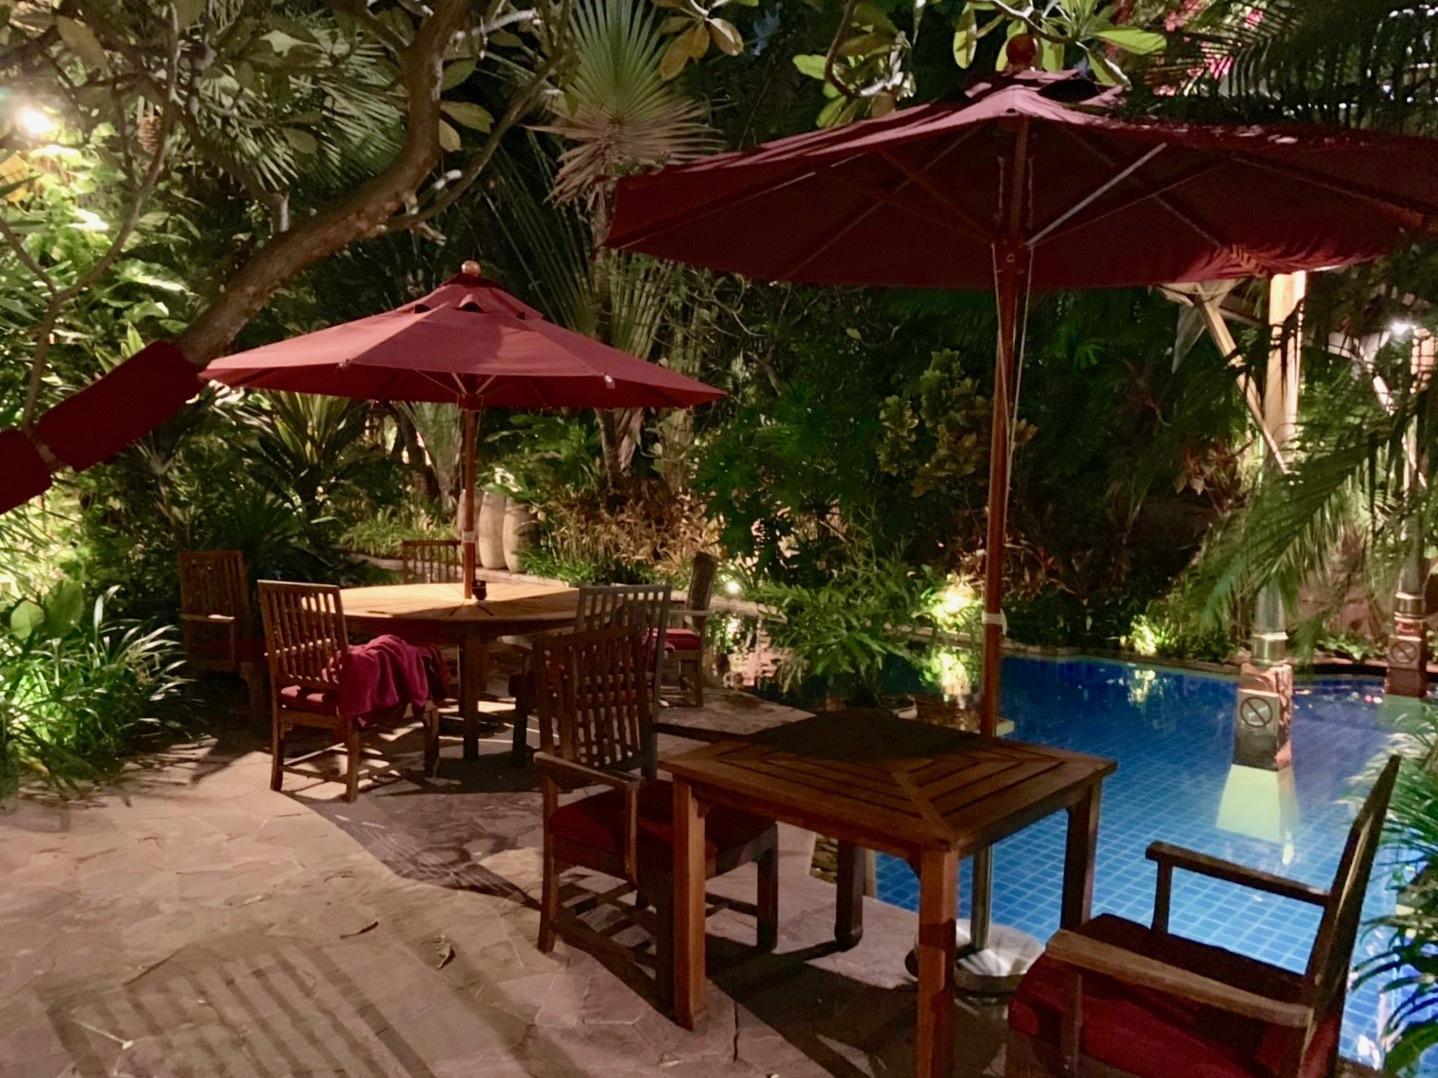 ホテルでプールを楽しむ_b0325640_21290938.jpg